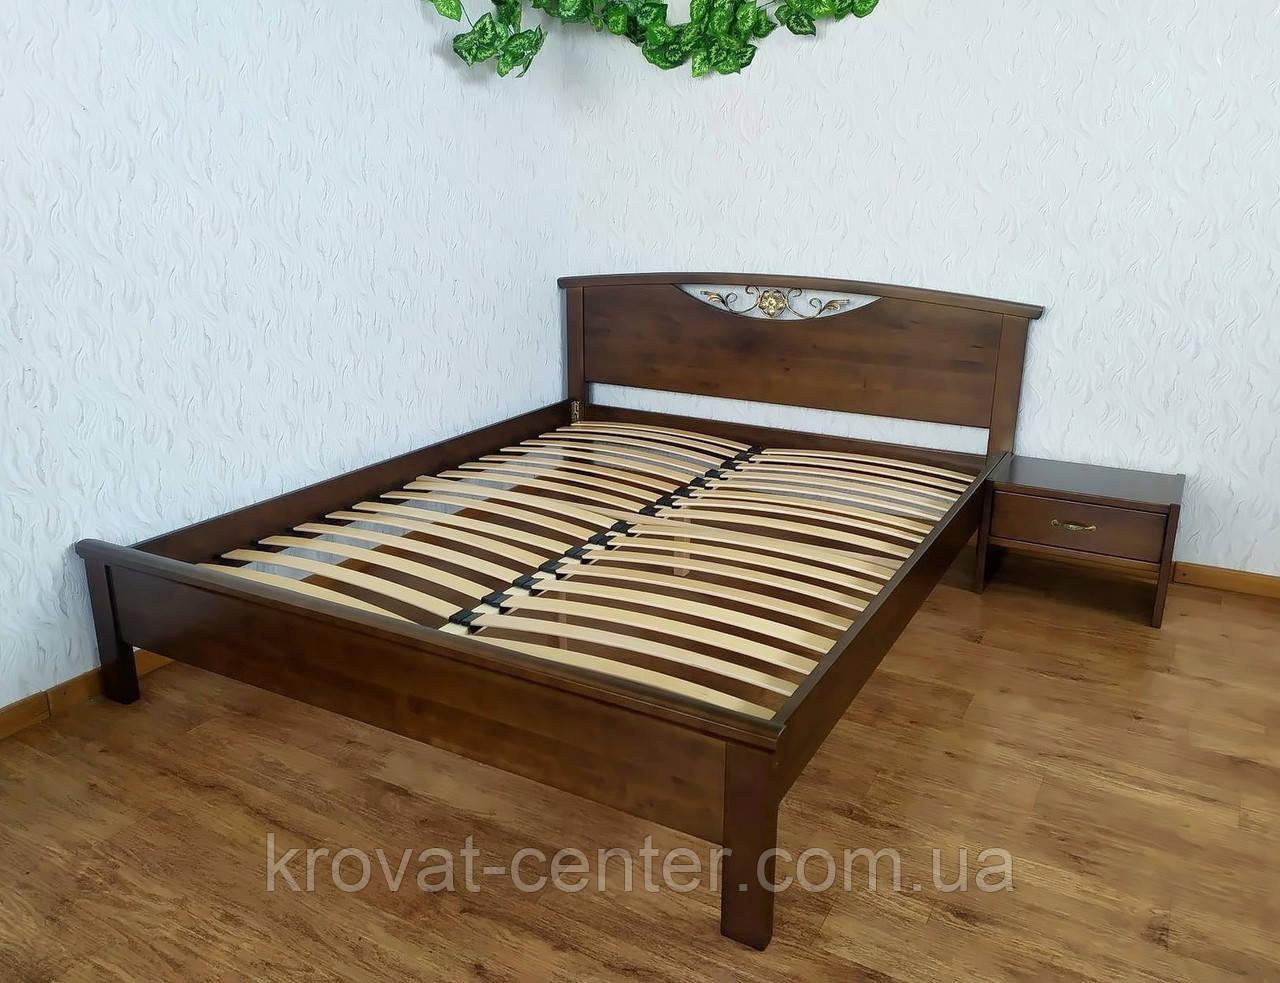 """Двуспальная кровать """"Фантазия"""" 160х190/200 (лесной орех)"""